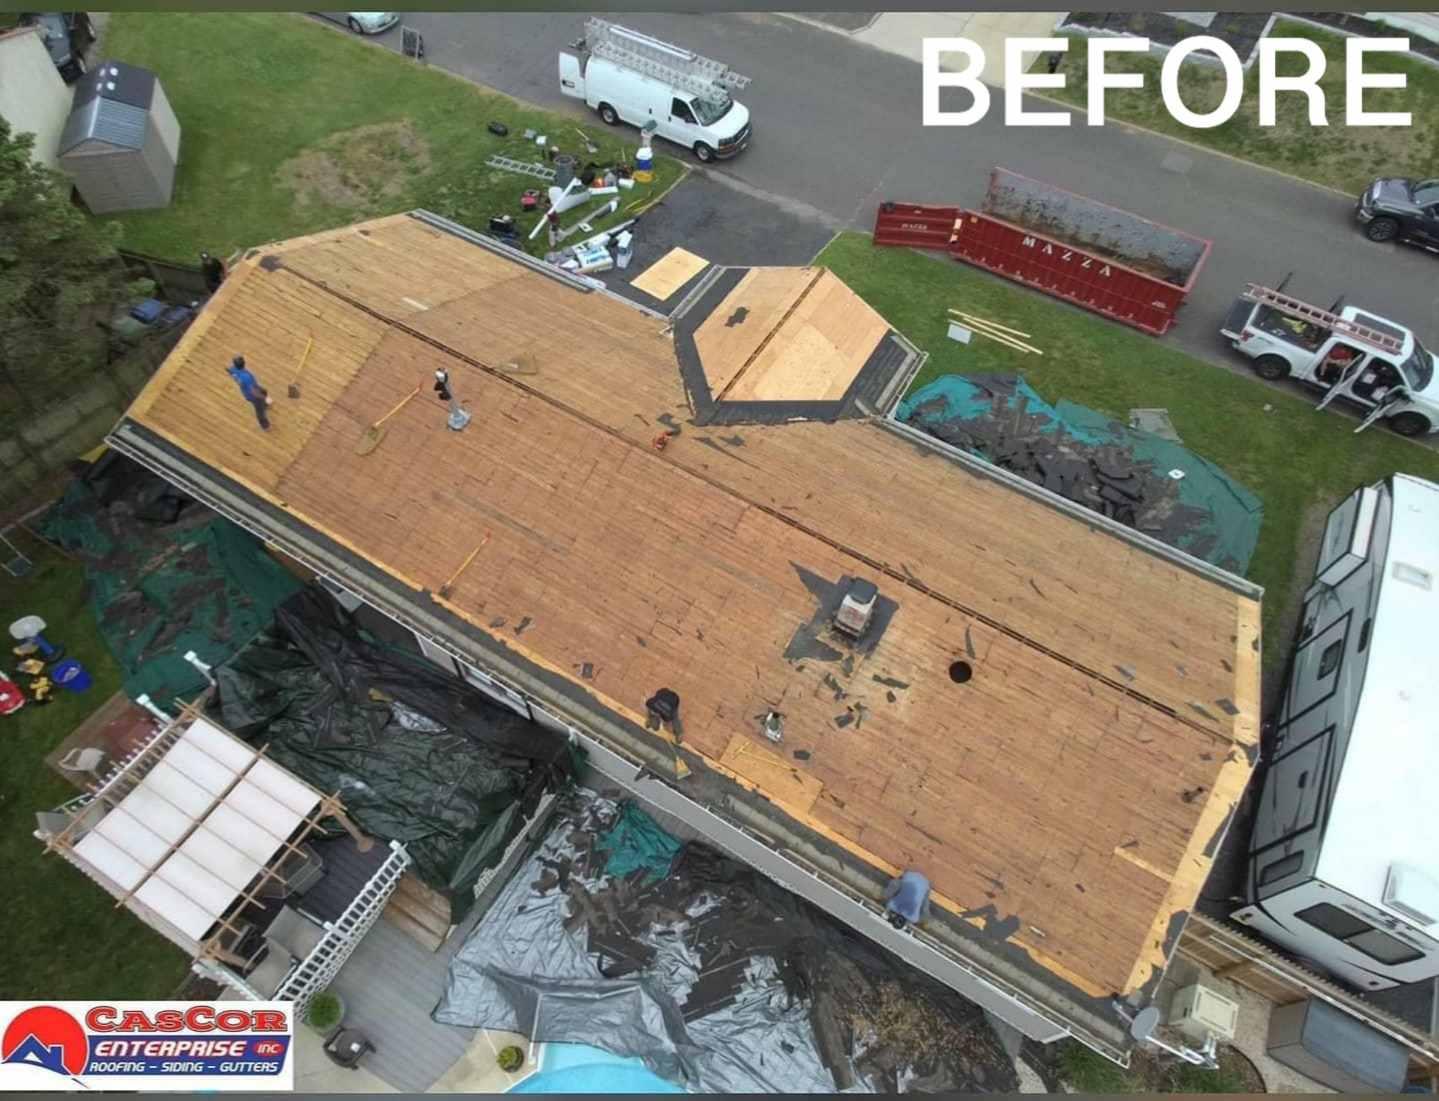 Before Roofing: Cascor Enterprise Inc